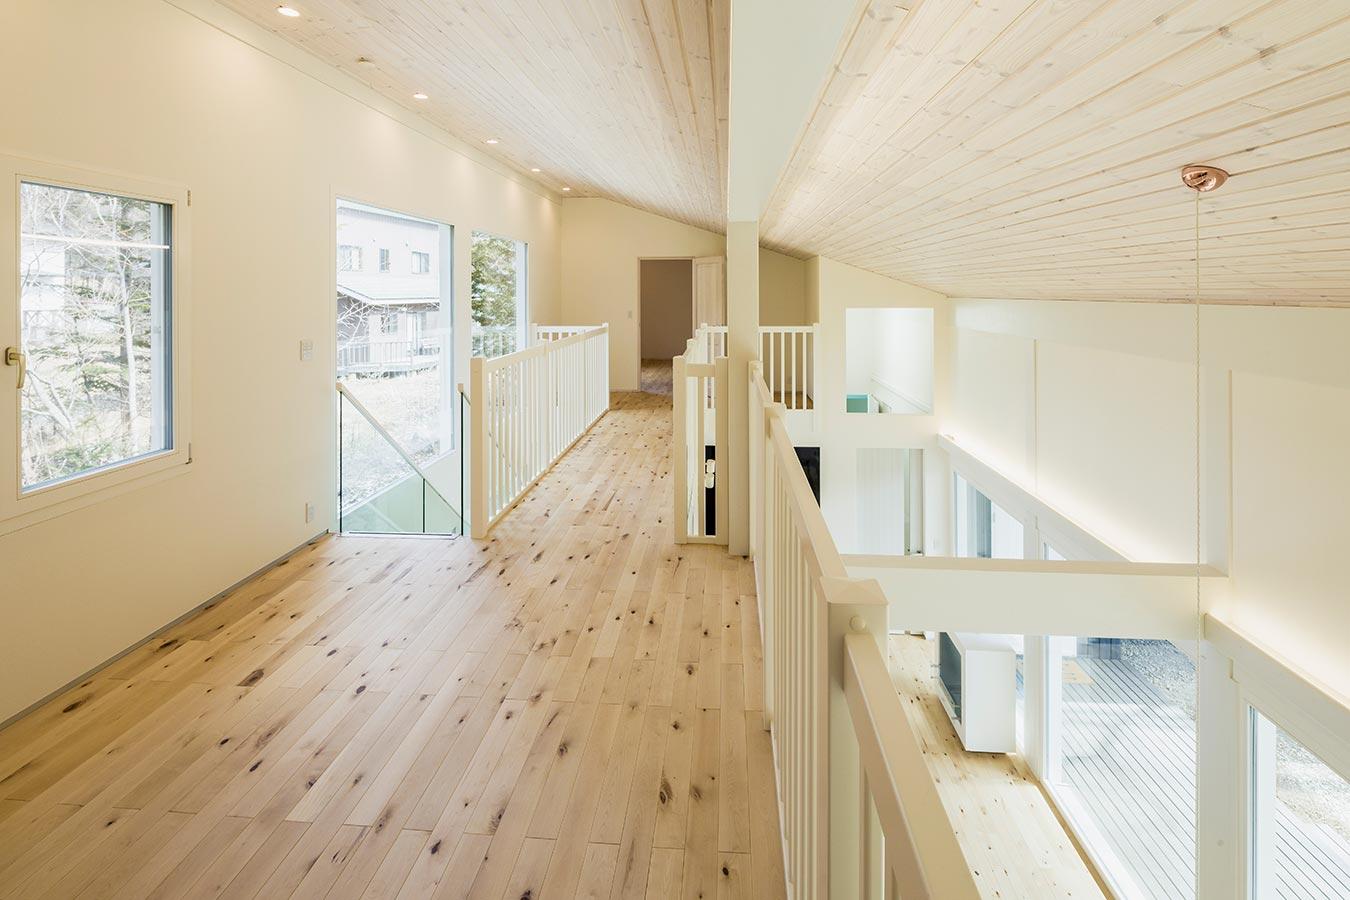 片流れのデザインにより、高い天井が可能なロフト。大きな窓から光が射し込み明るい空間です